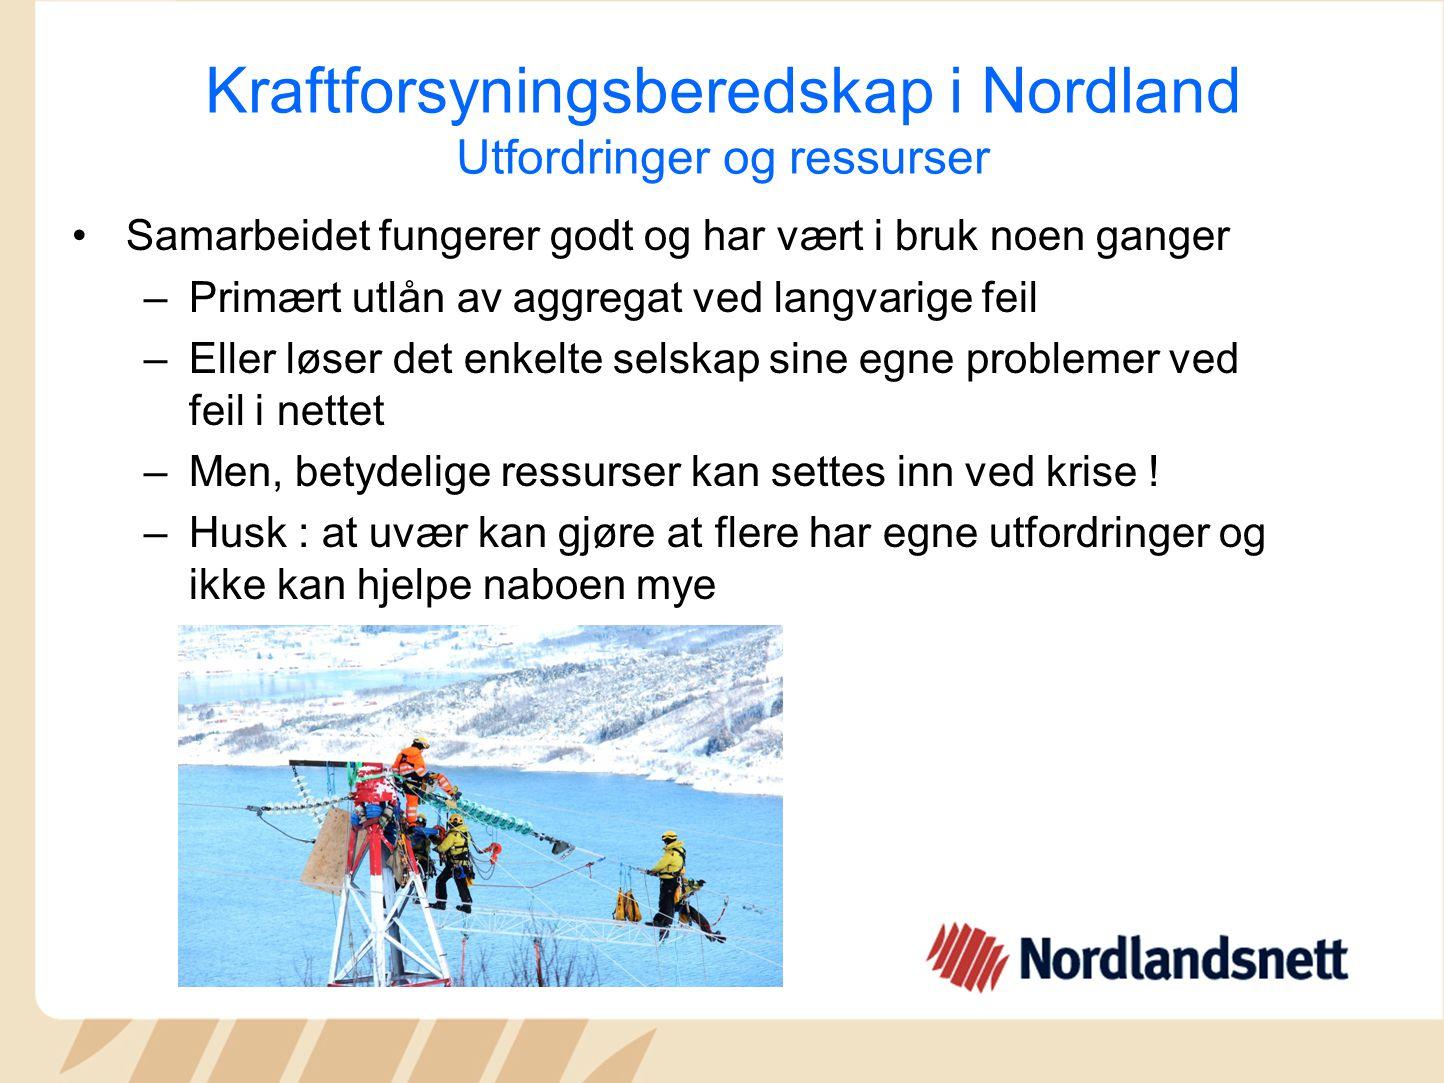 Kraftforsyningsberedskap i Nordland Utfordringer og ressurser Samarbeidet fungerer godt og har vært i bruk noen ganger –Primært utlån av aggregat ved